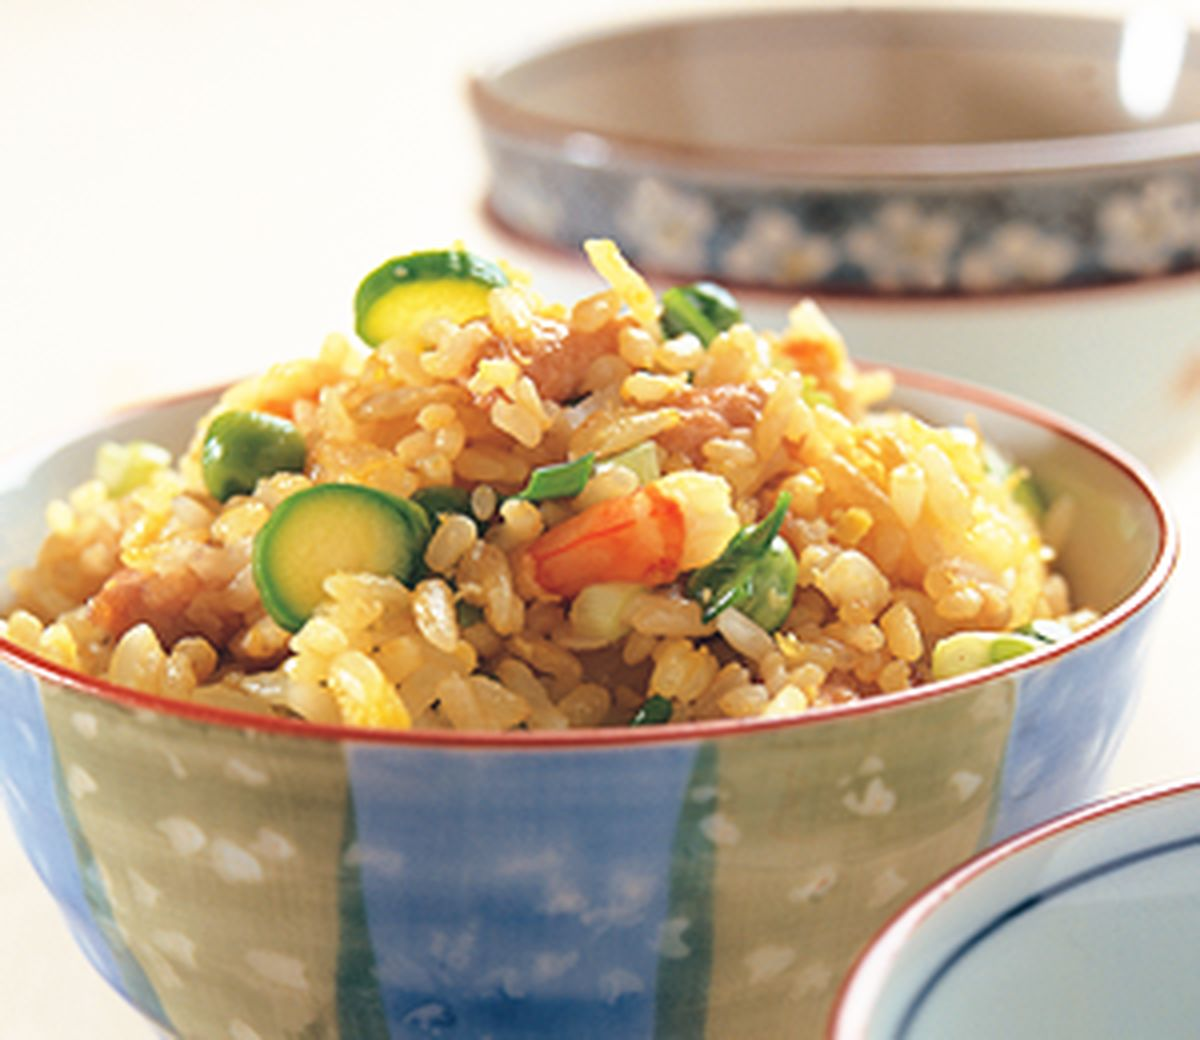 食譜:什錦炒飯